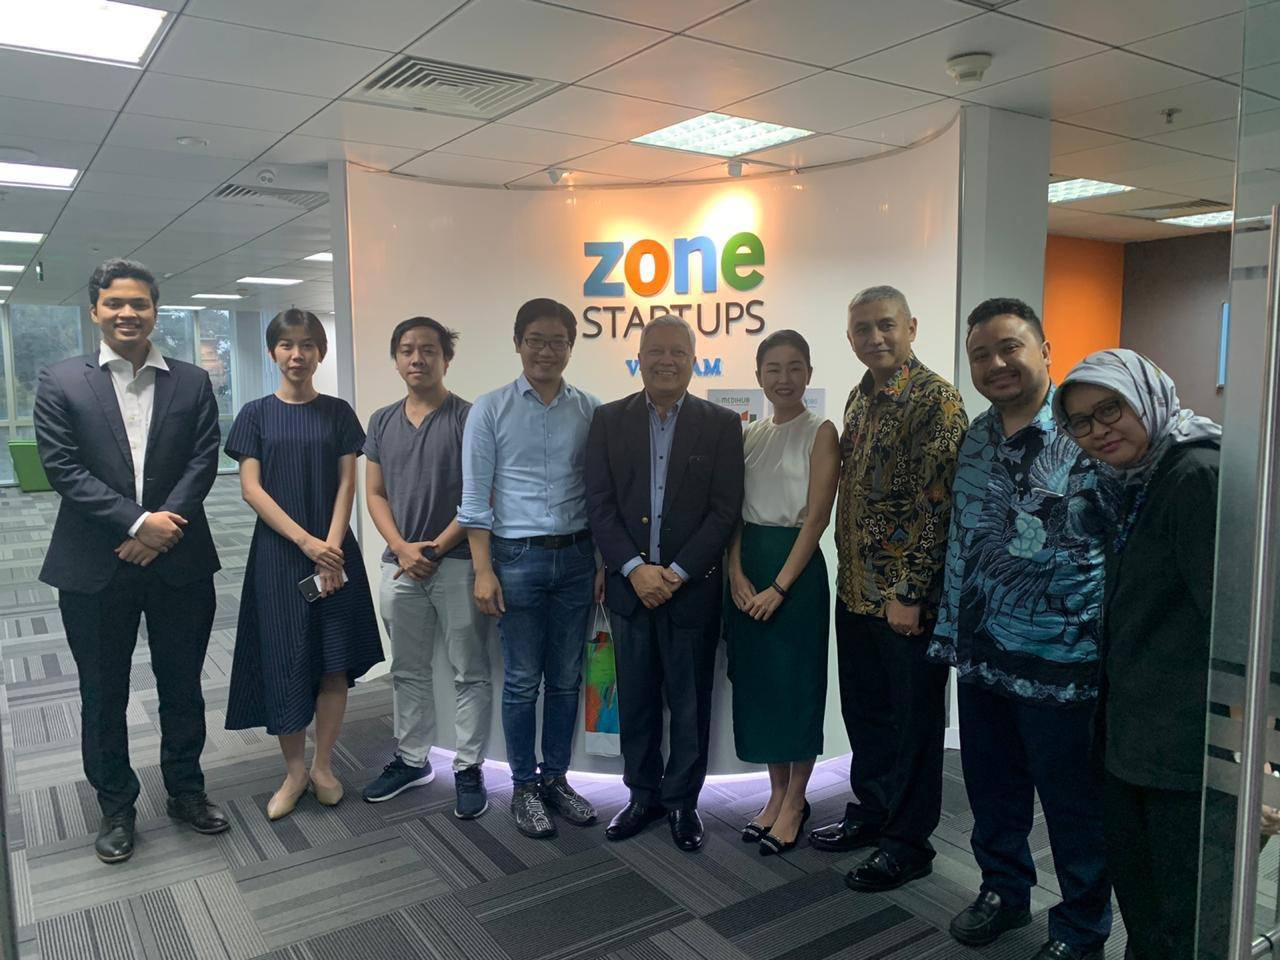 GIAO LƯU GẶP GỠ GIỮA NGÀI ĐẠI SỨ INDONESIA VÀ 2 STARTUP VIỆT TIỀM NĂNG TẠI THÀNH PHỐ HỒ CHÍ MINH